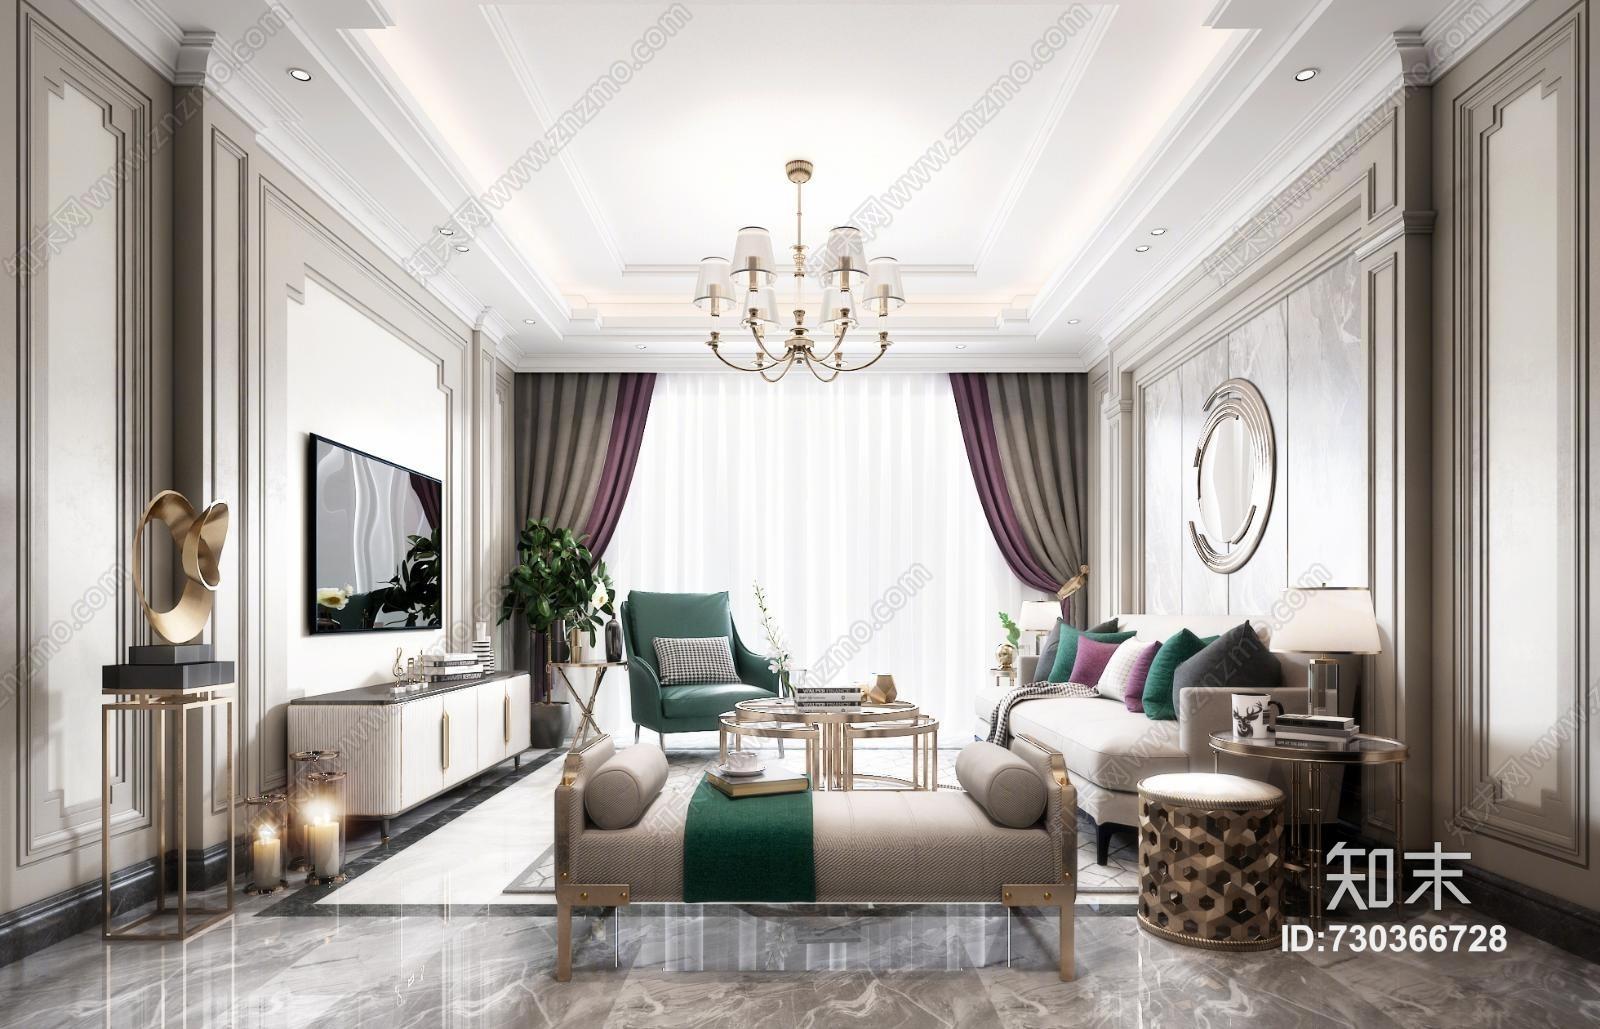 简欧欧式客厅 沙发 餐桌 吊灯 台灯 窗帘 装饰品 挂画 抱枕 茶几 盘栽